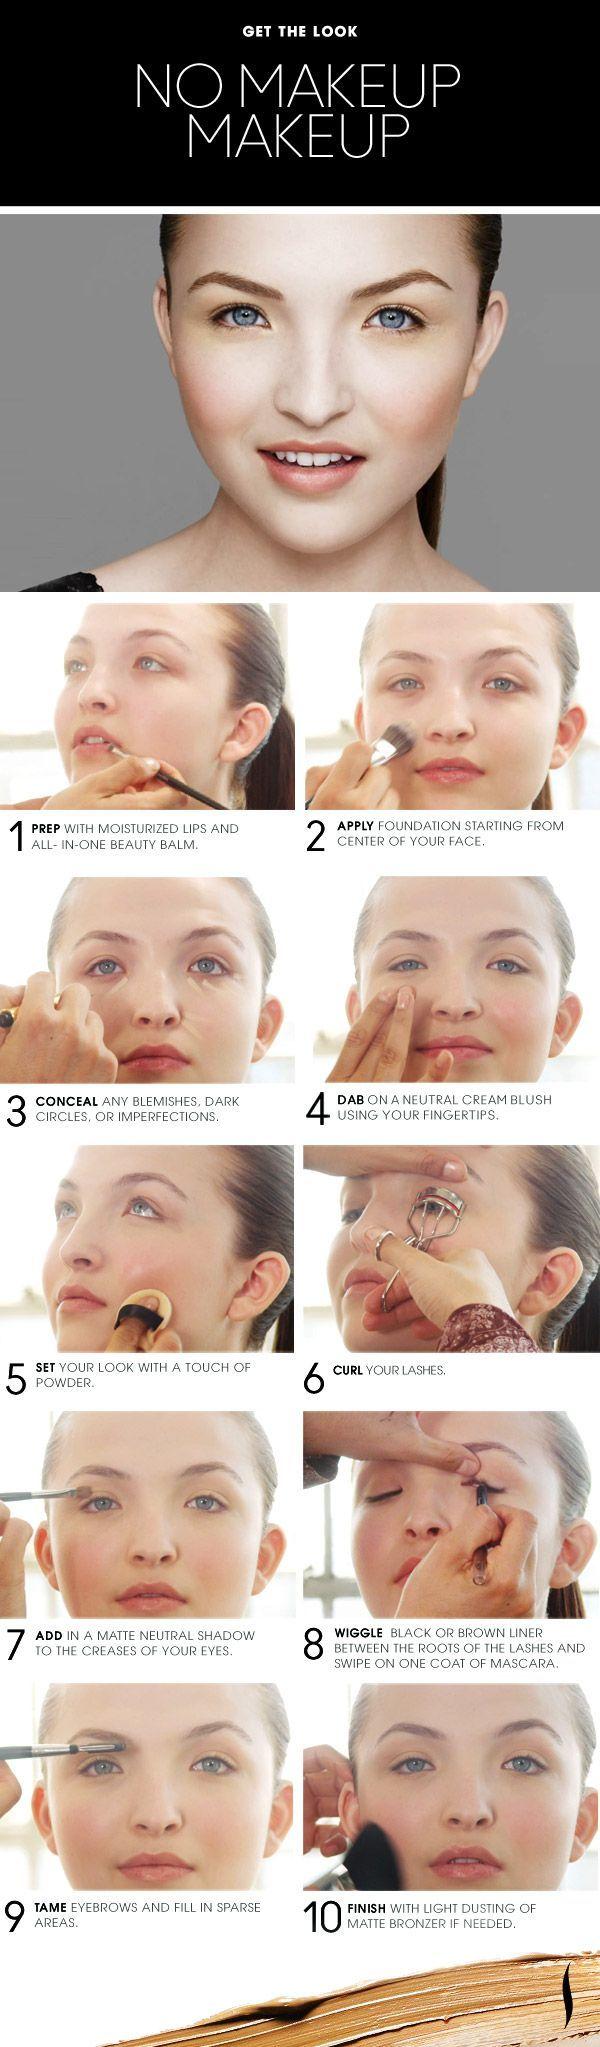 no makeup- natural makeup